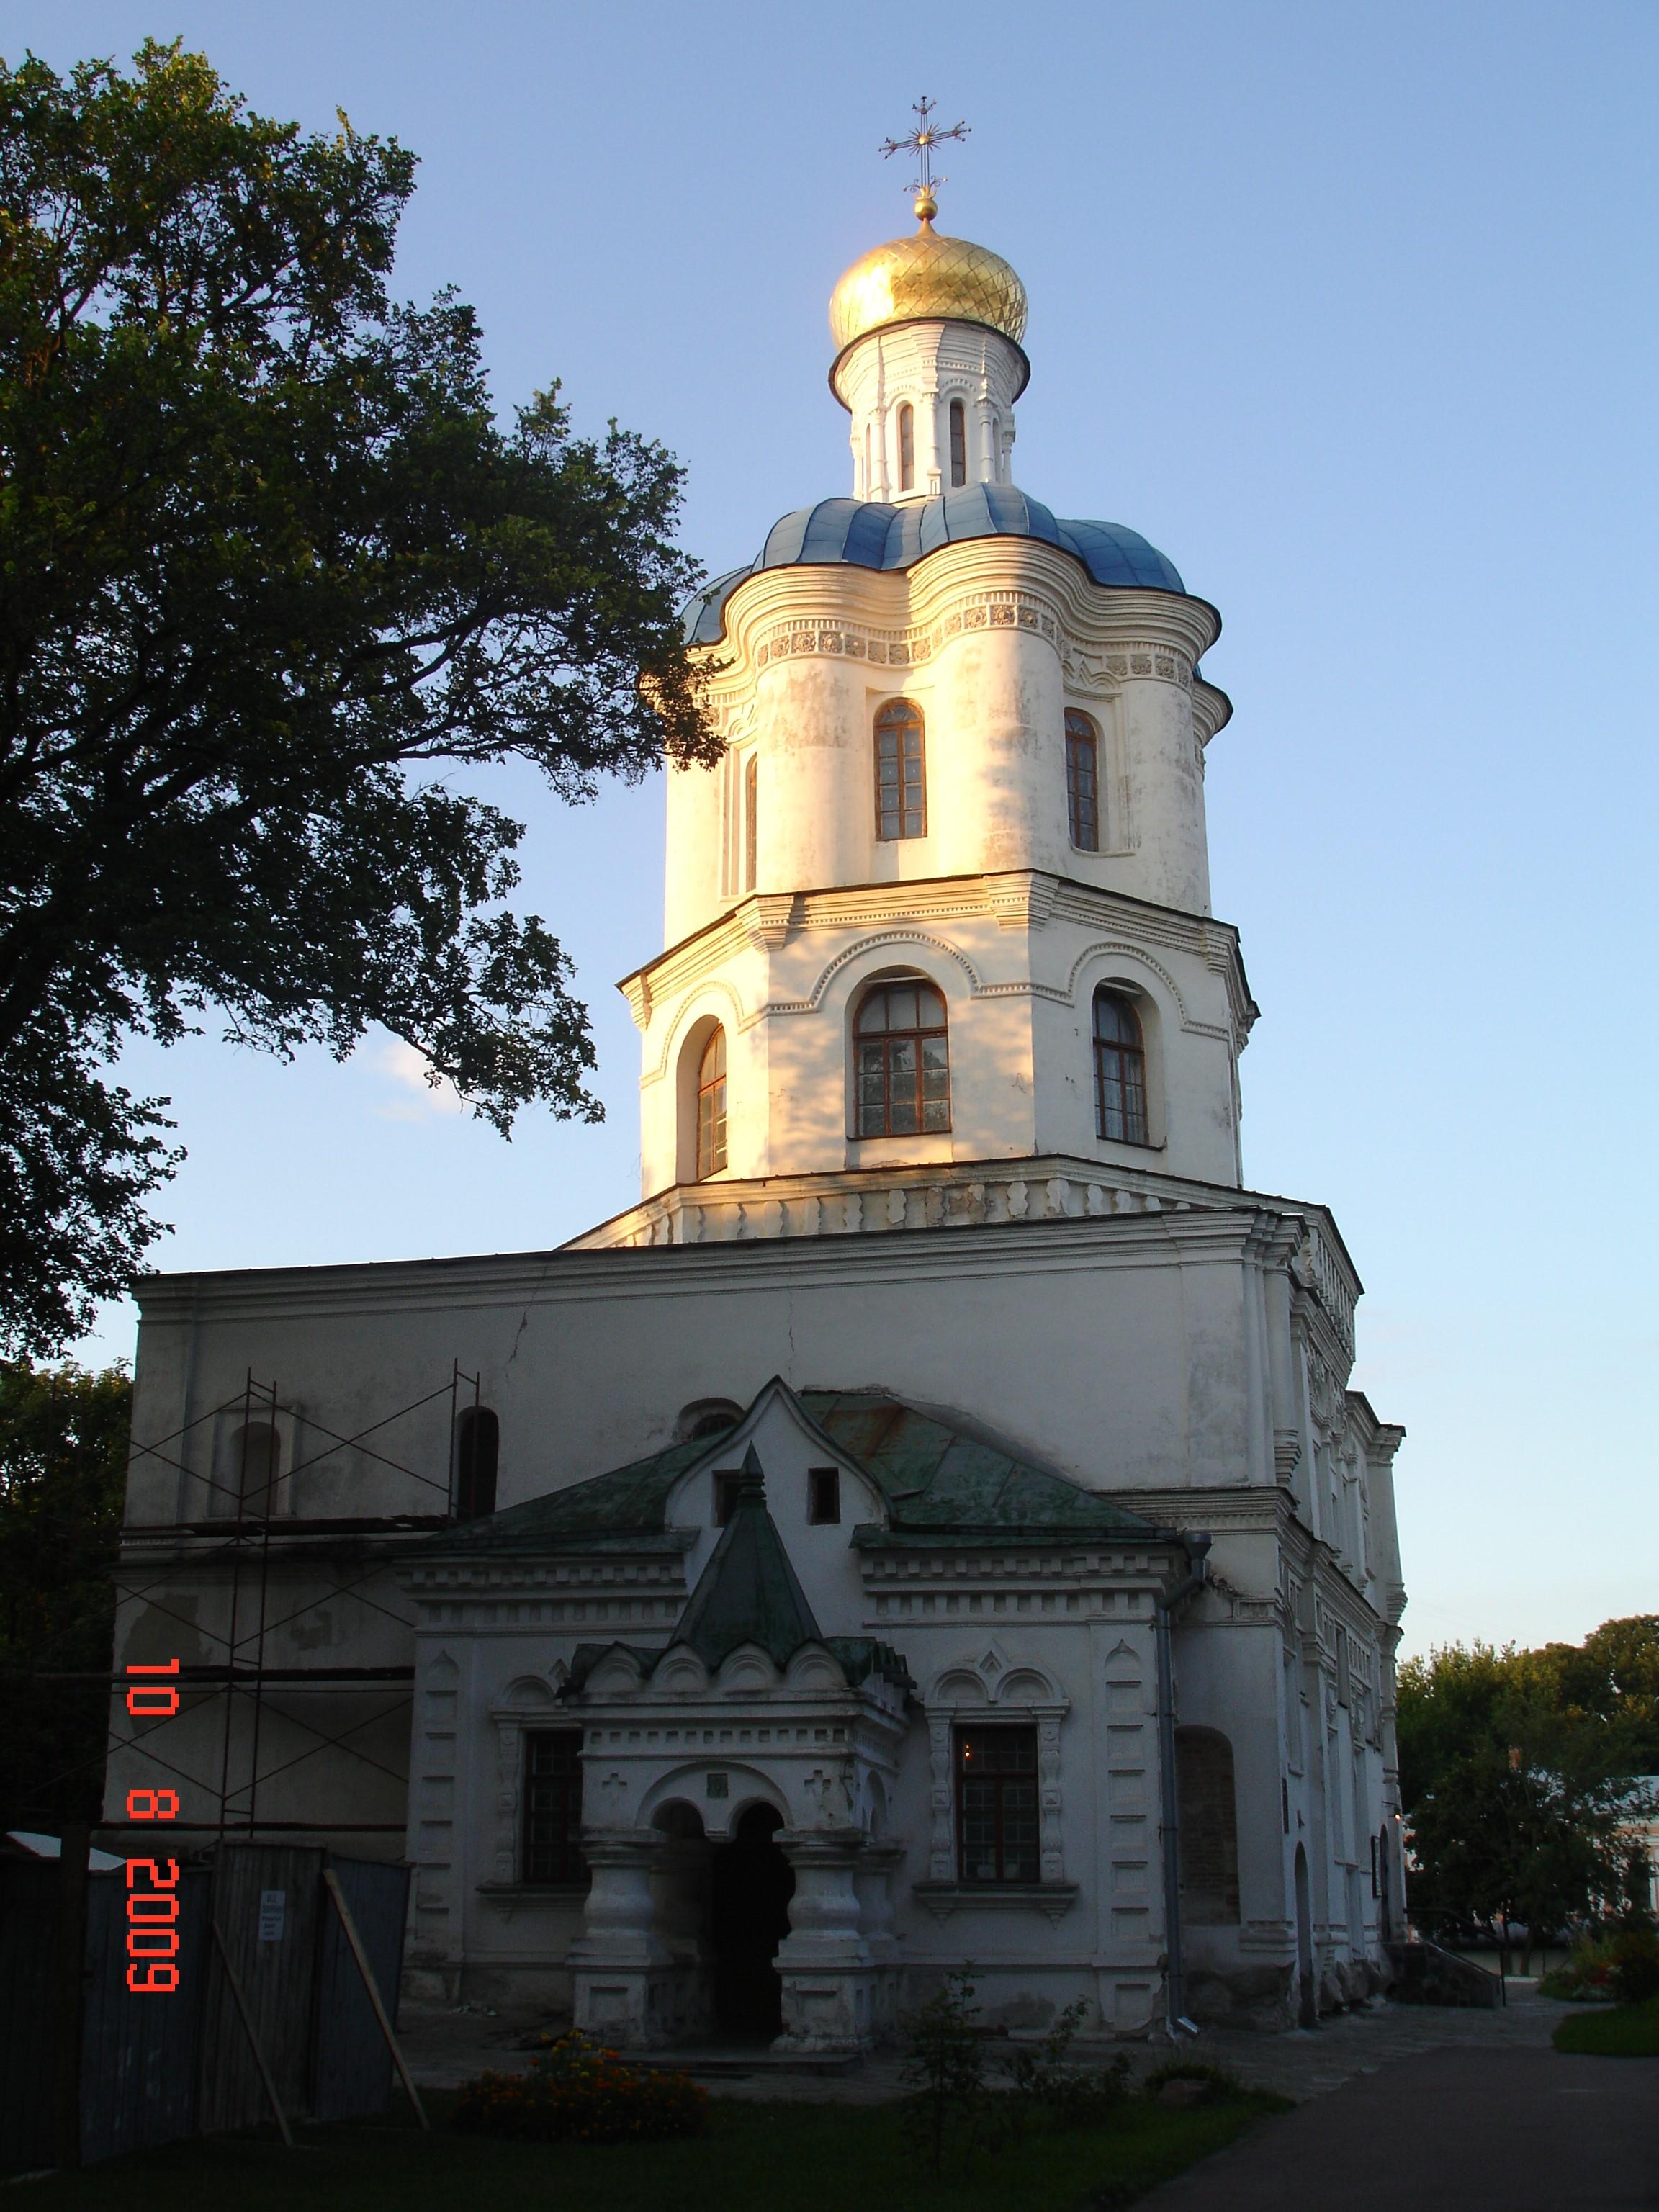 Чернігів. Трапезна церква з дзвіницею Борисоглібського монастиря